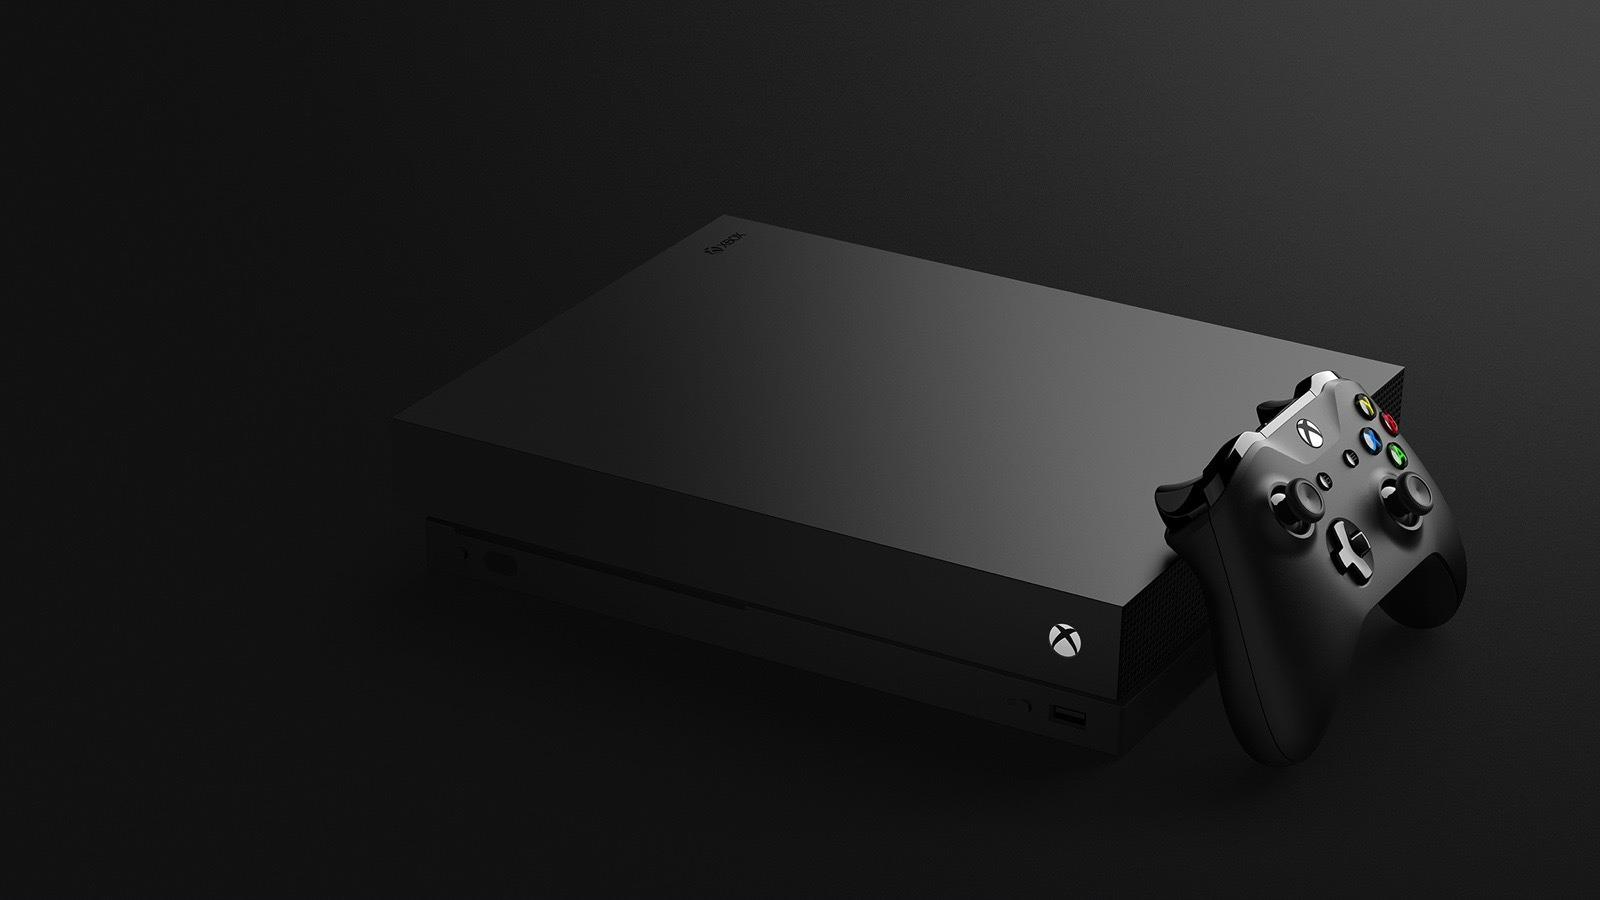 La Xbox One X ofrecerá soporte nativo para pantallas 1440p